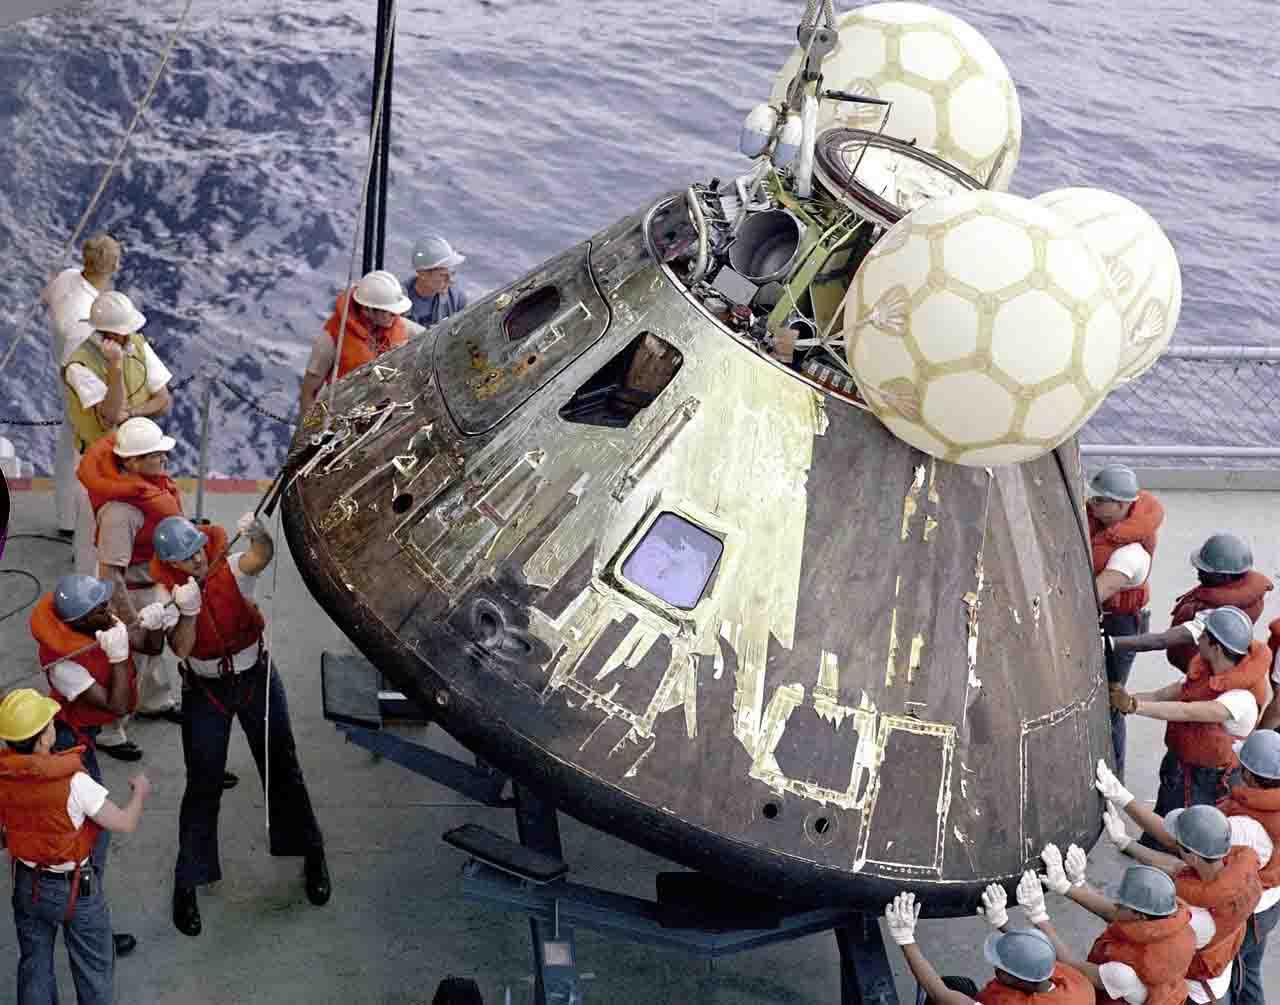 Apollo 13 Aquatics